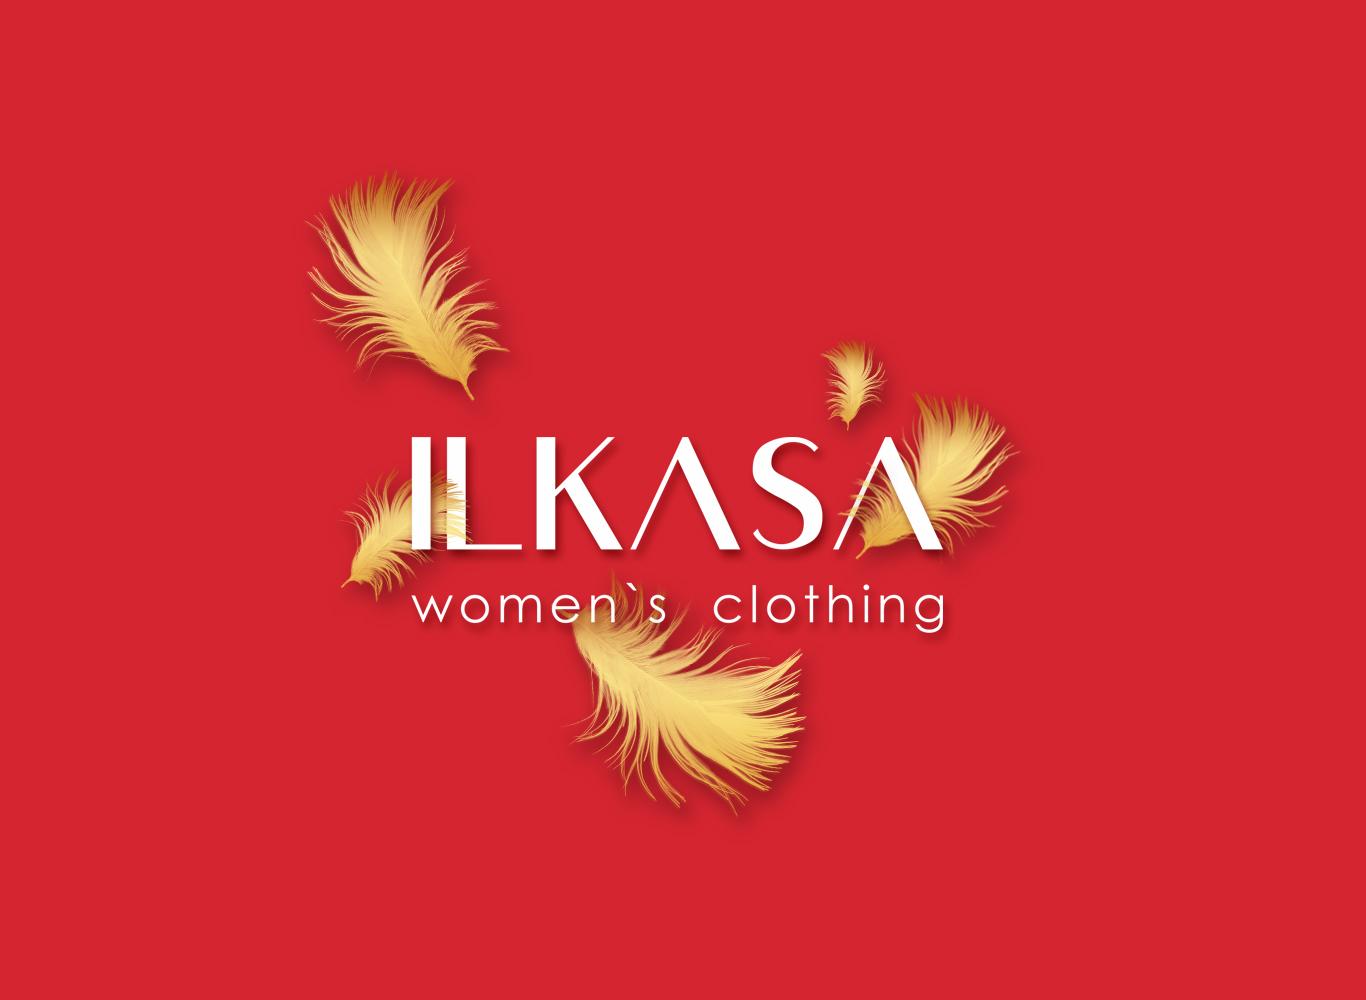 ilkasa logo